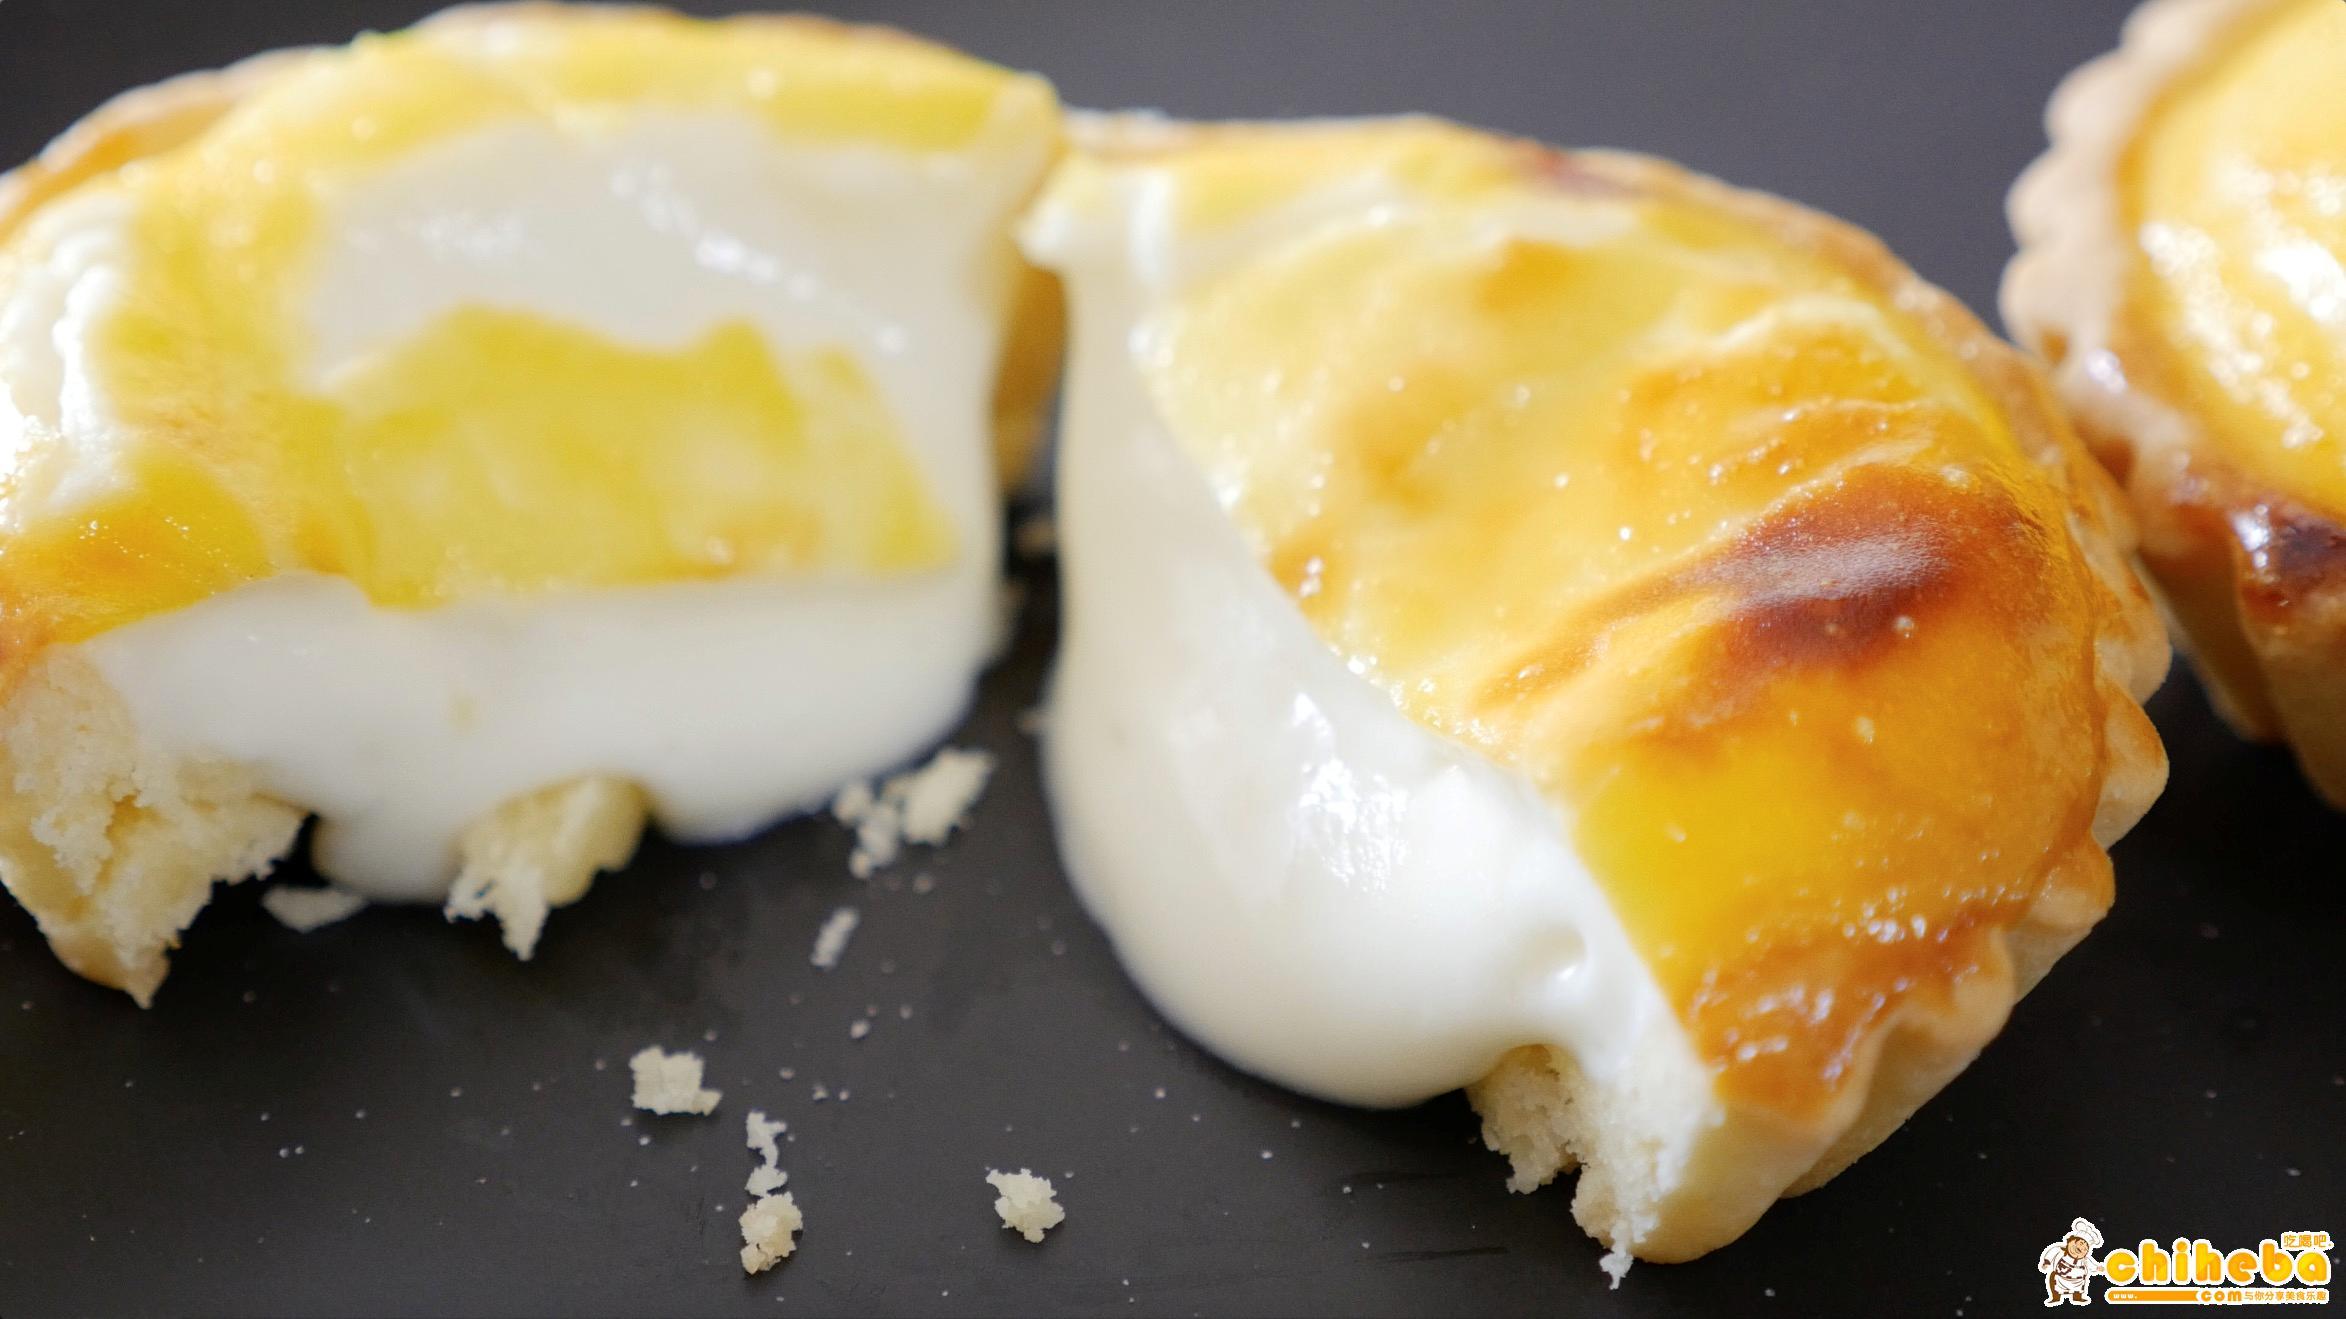 流心芝士塔---来自林育瑋大师分享的配方,秒杀一切蛋挞的做法 步骤18